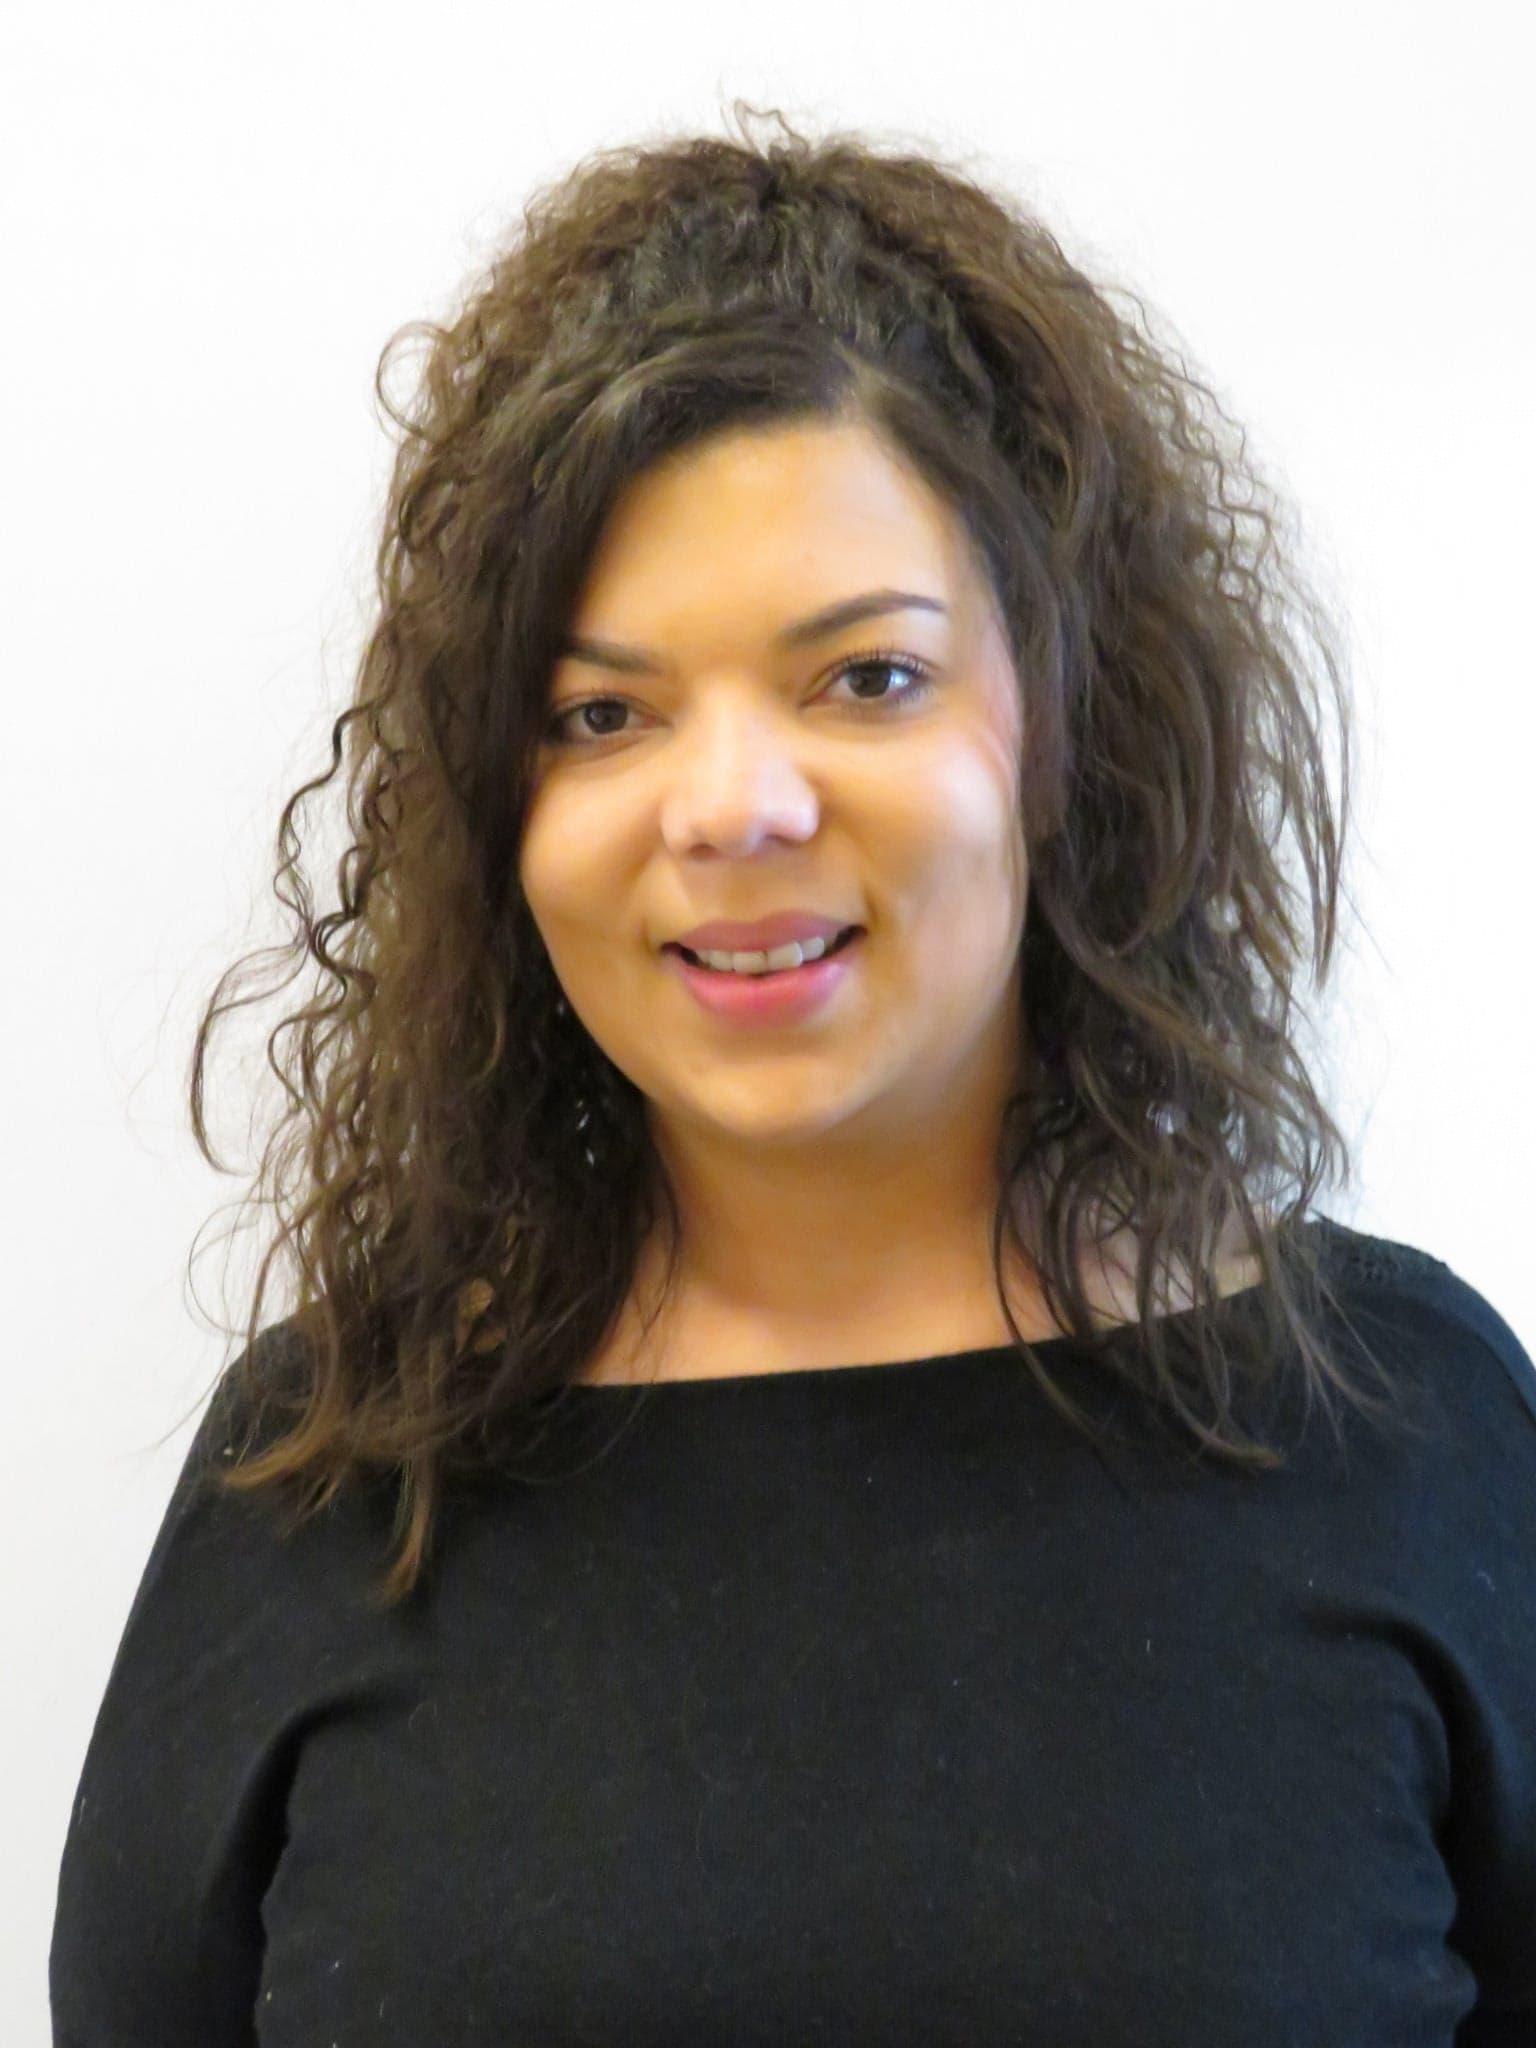 Miss Laura VANDEVELDE